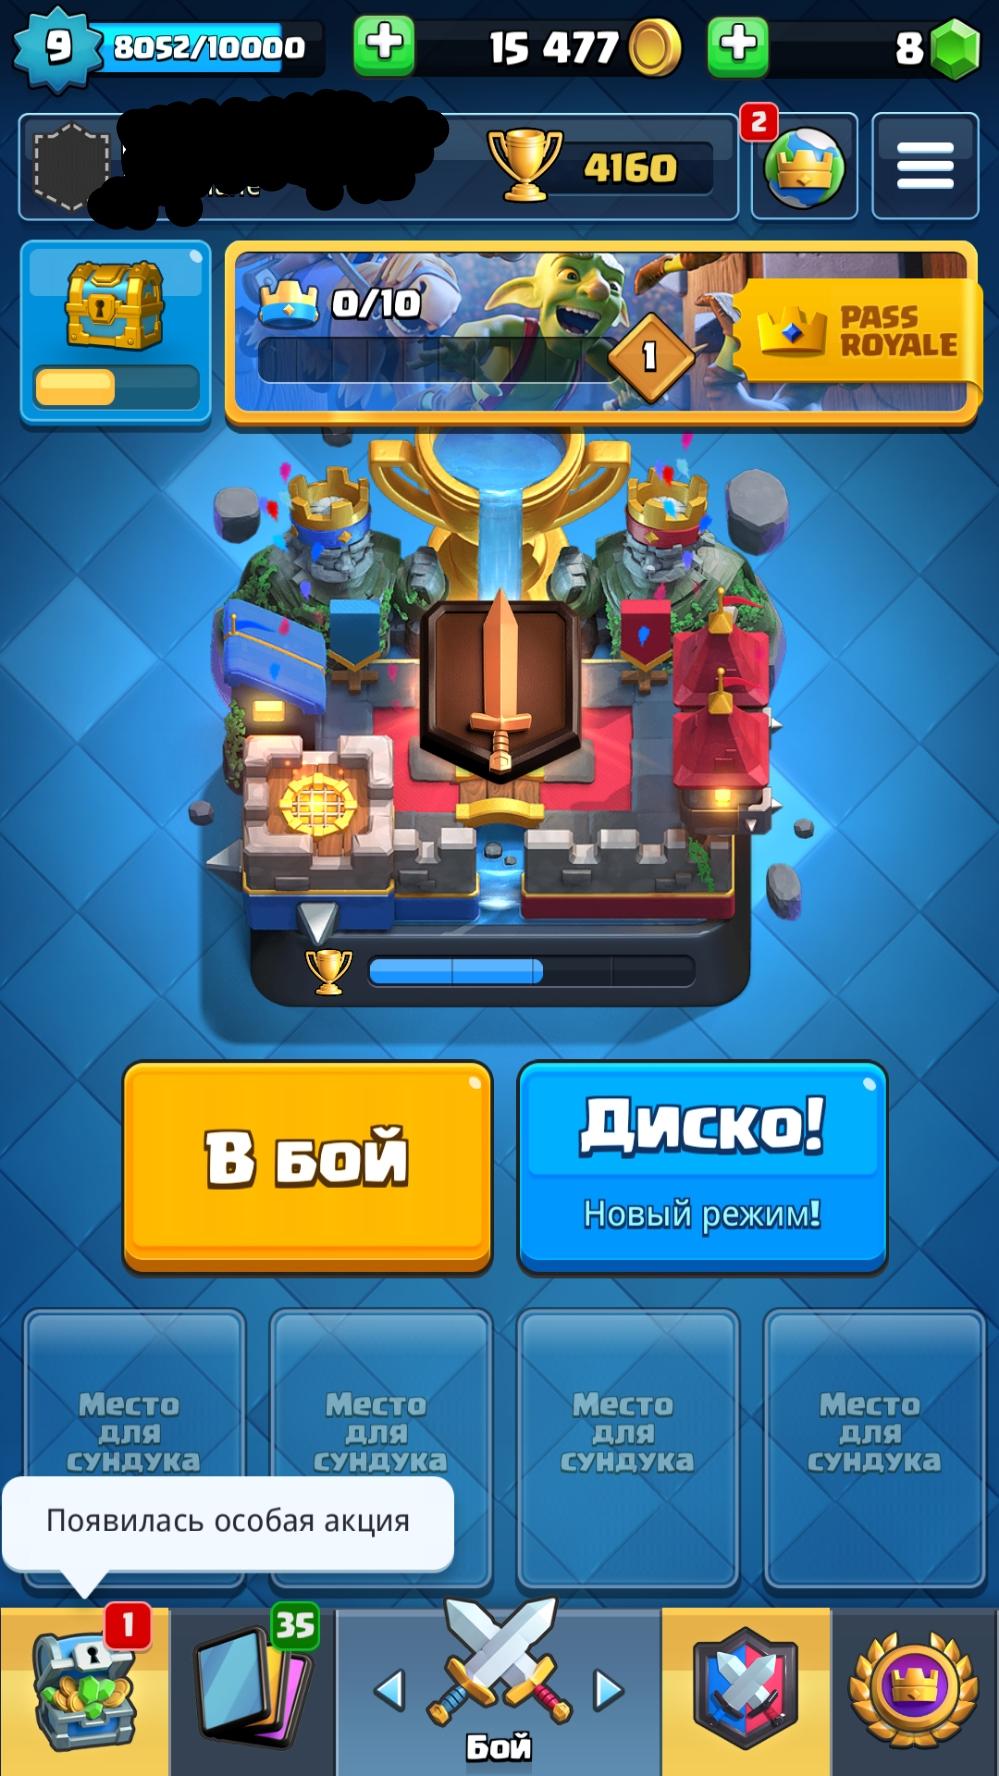 Скриншот аккаунта 4